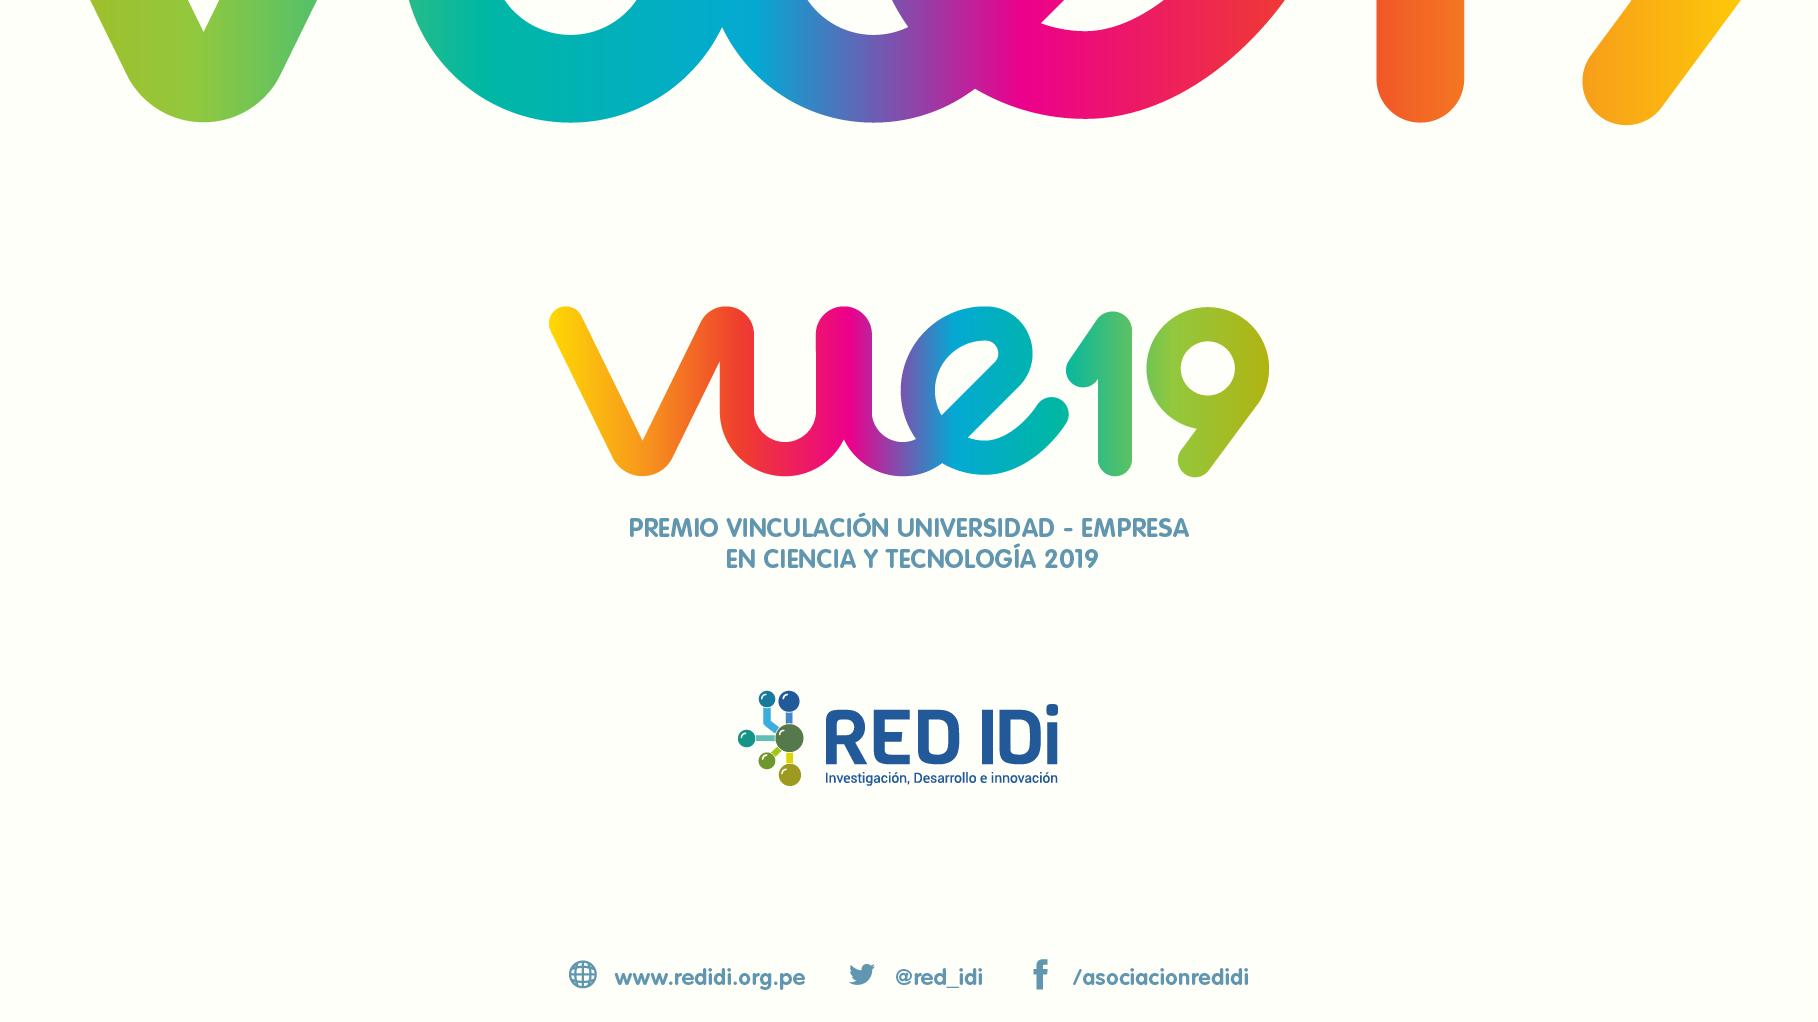 Premio a la Vinculación Universidad Empresa en Ciencia y Tecnología 2019